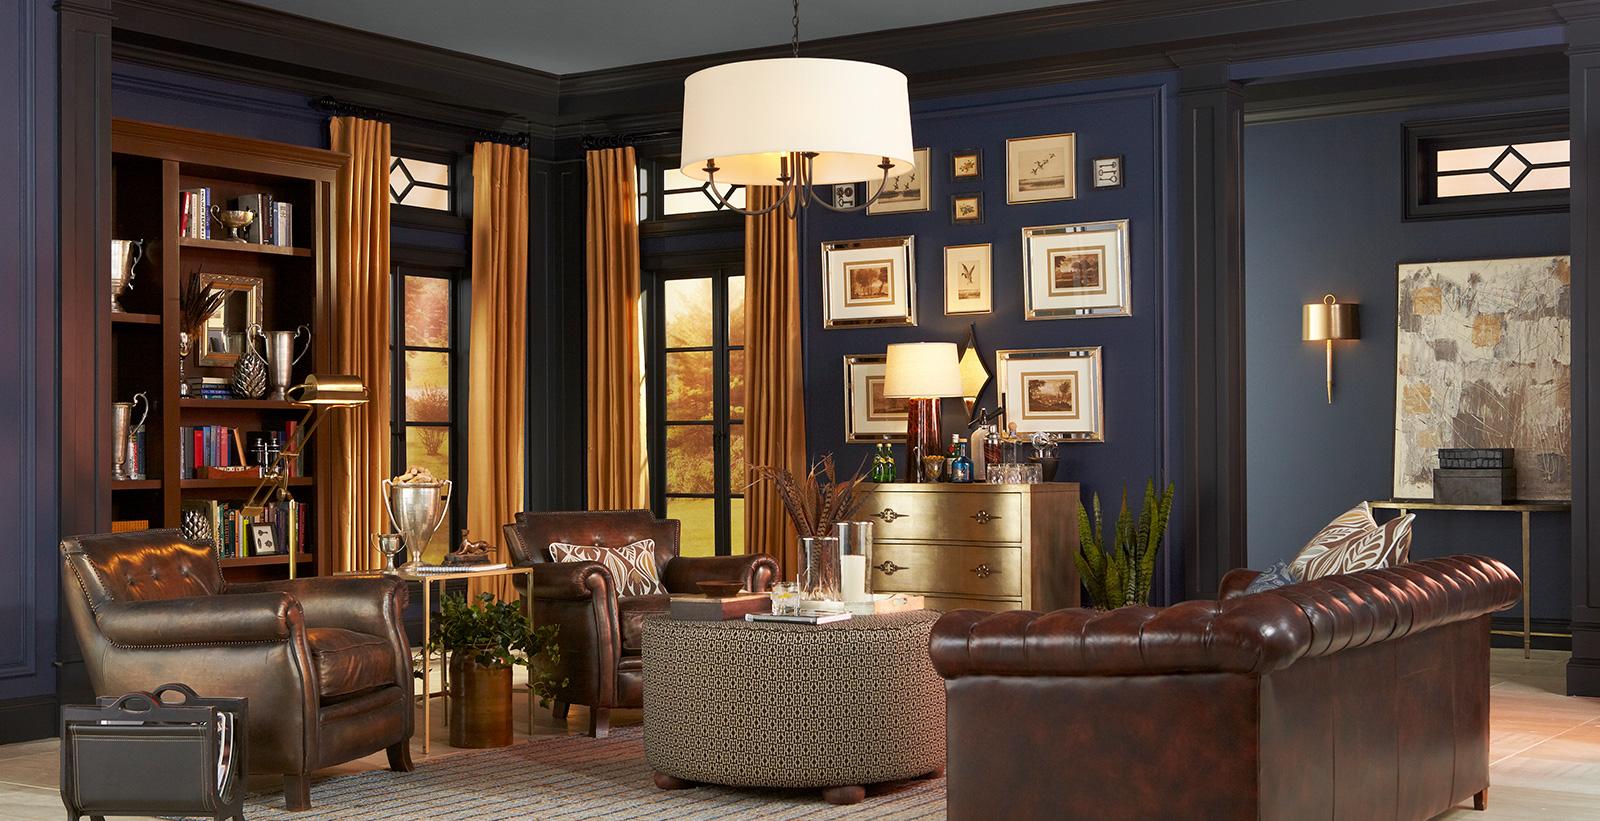 Ý tưởng thiết kế phòng khách phong cách cổ điển